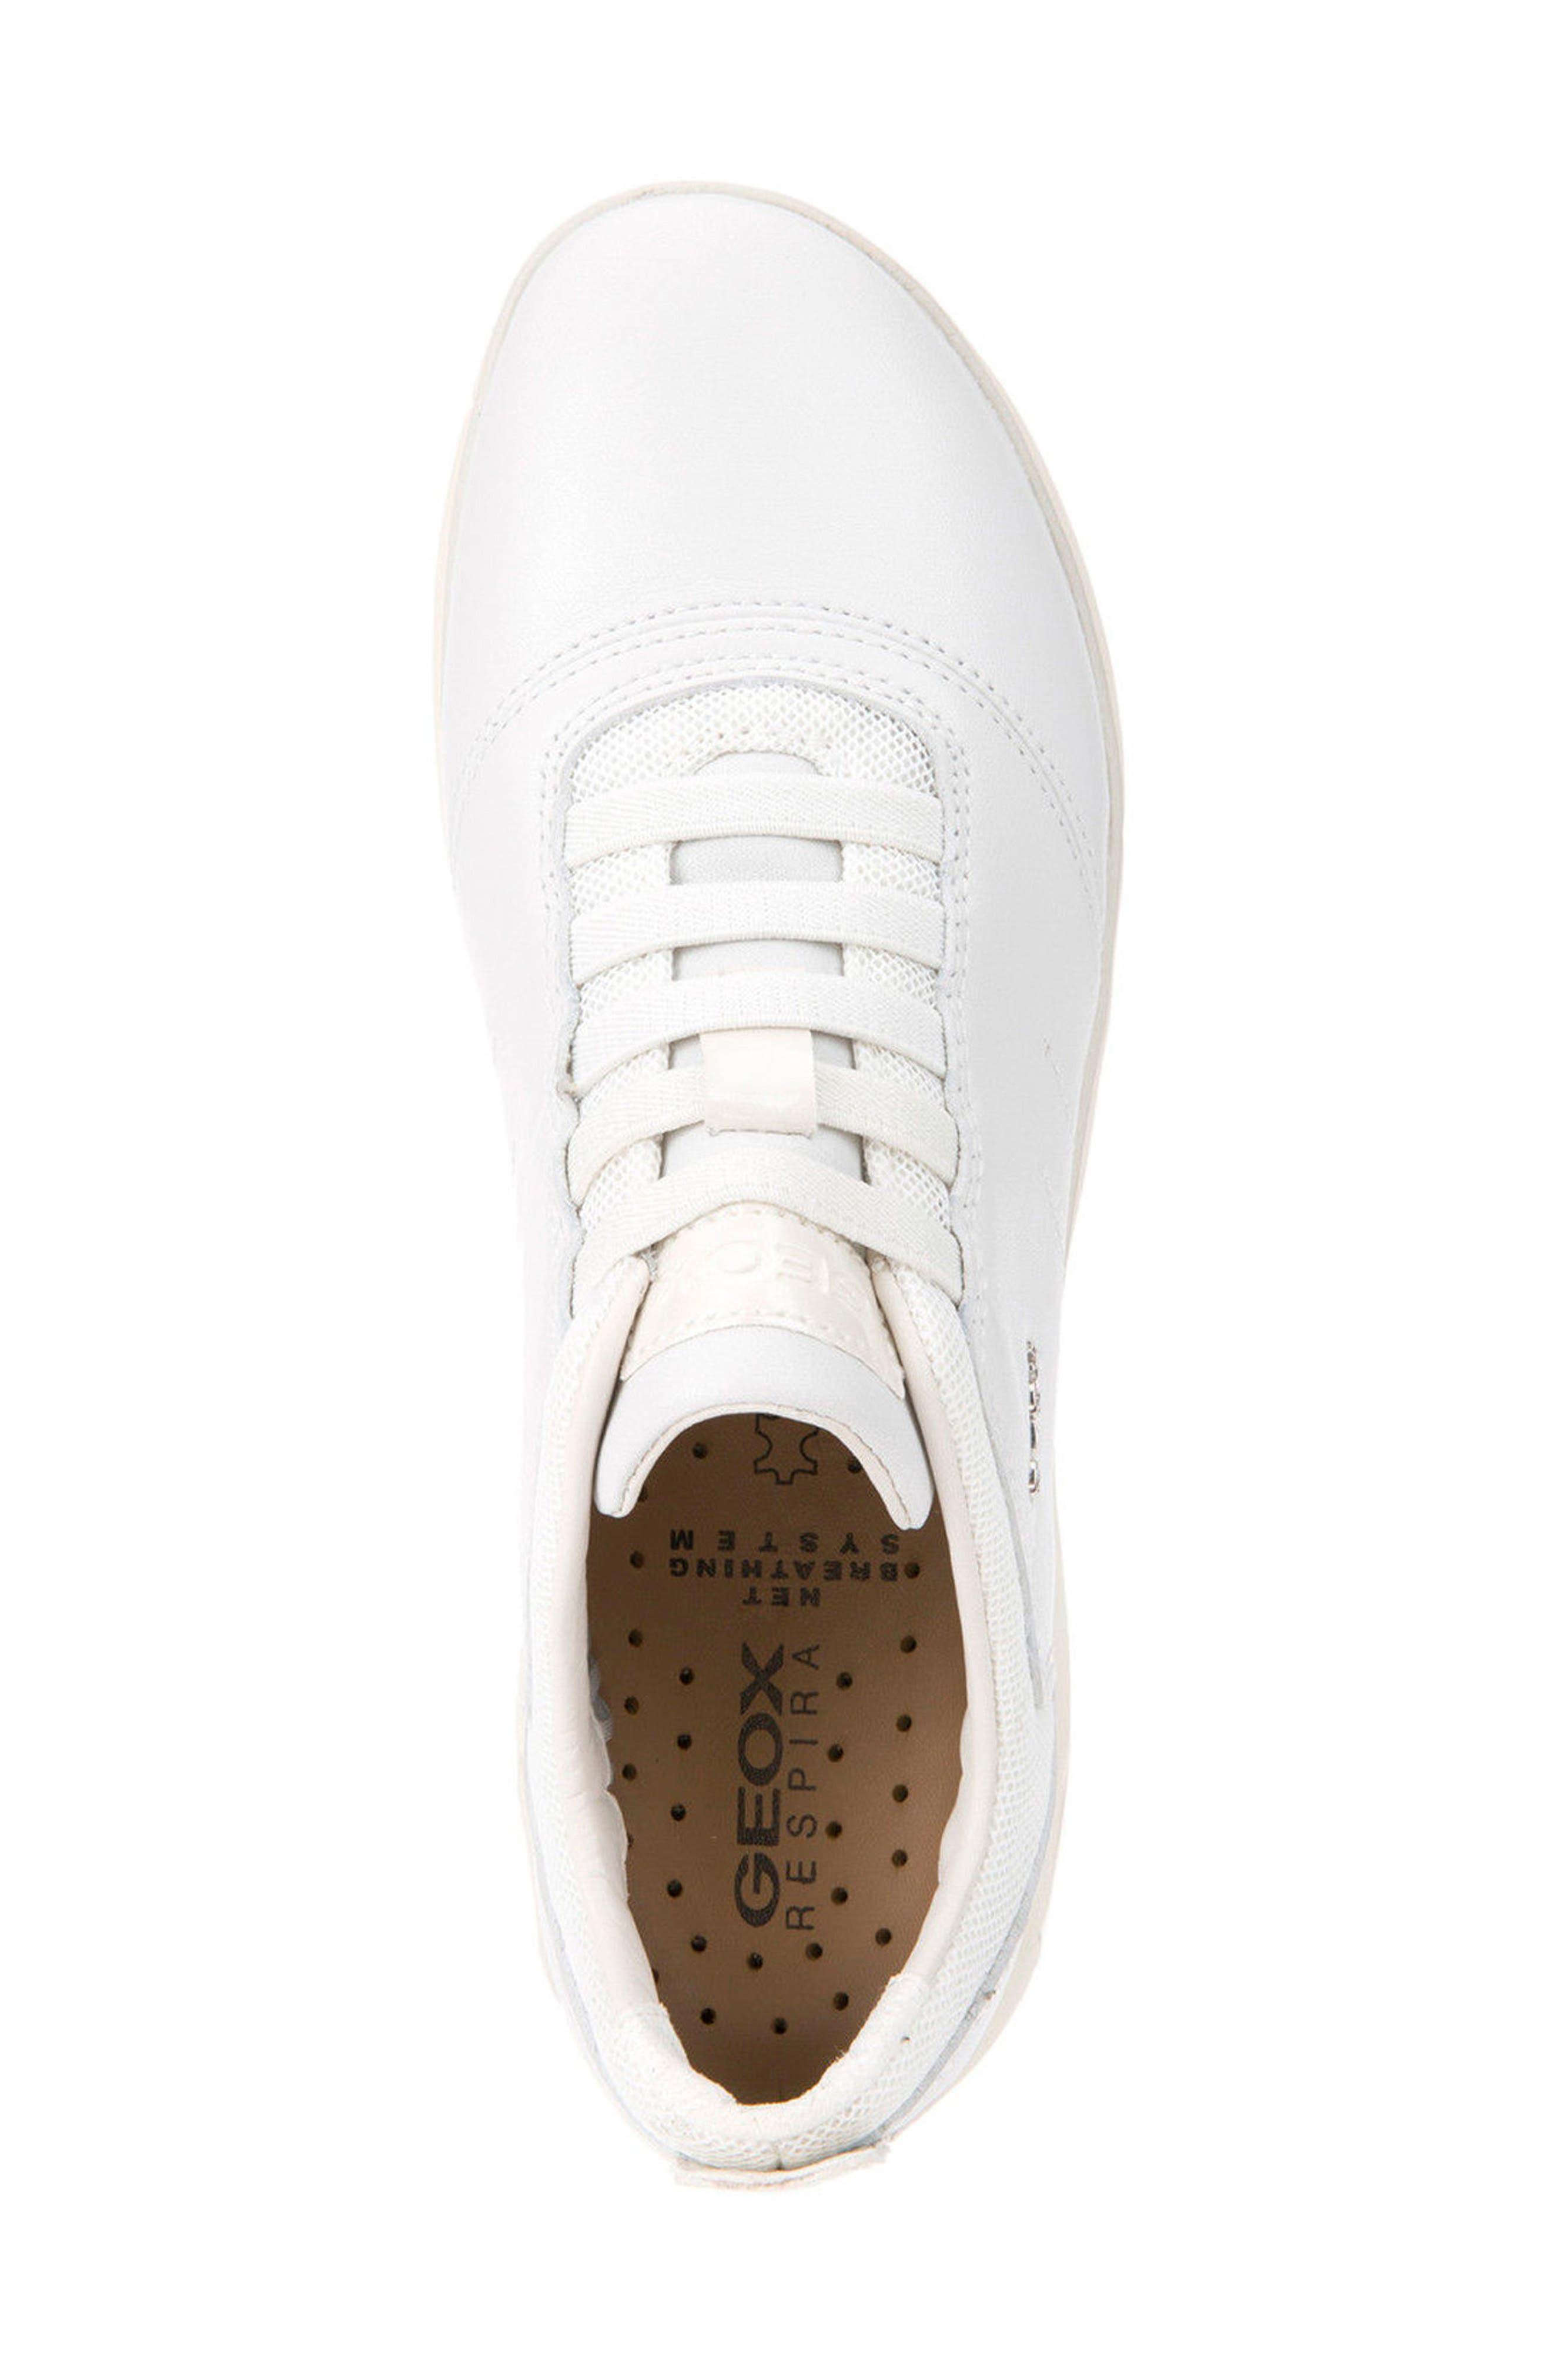 Nebula Slip-On Sneaker,                             Alternate thumbnail 3, color,                             White Leather